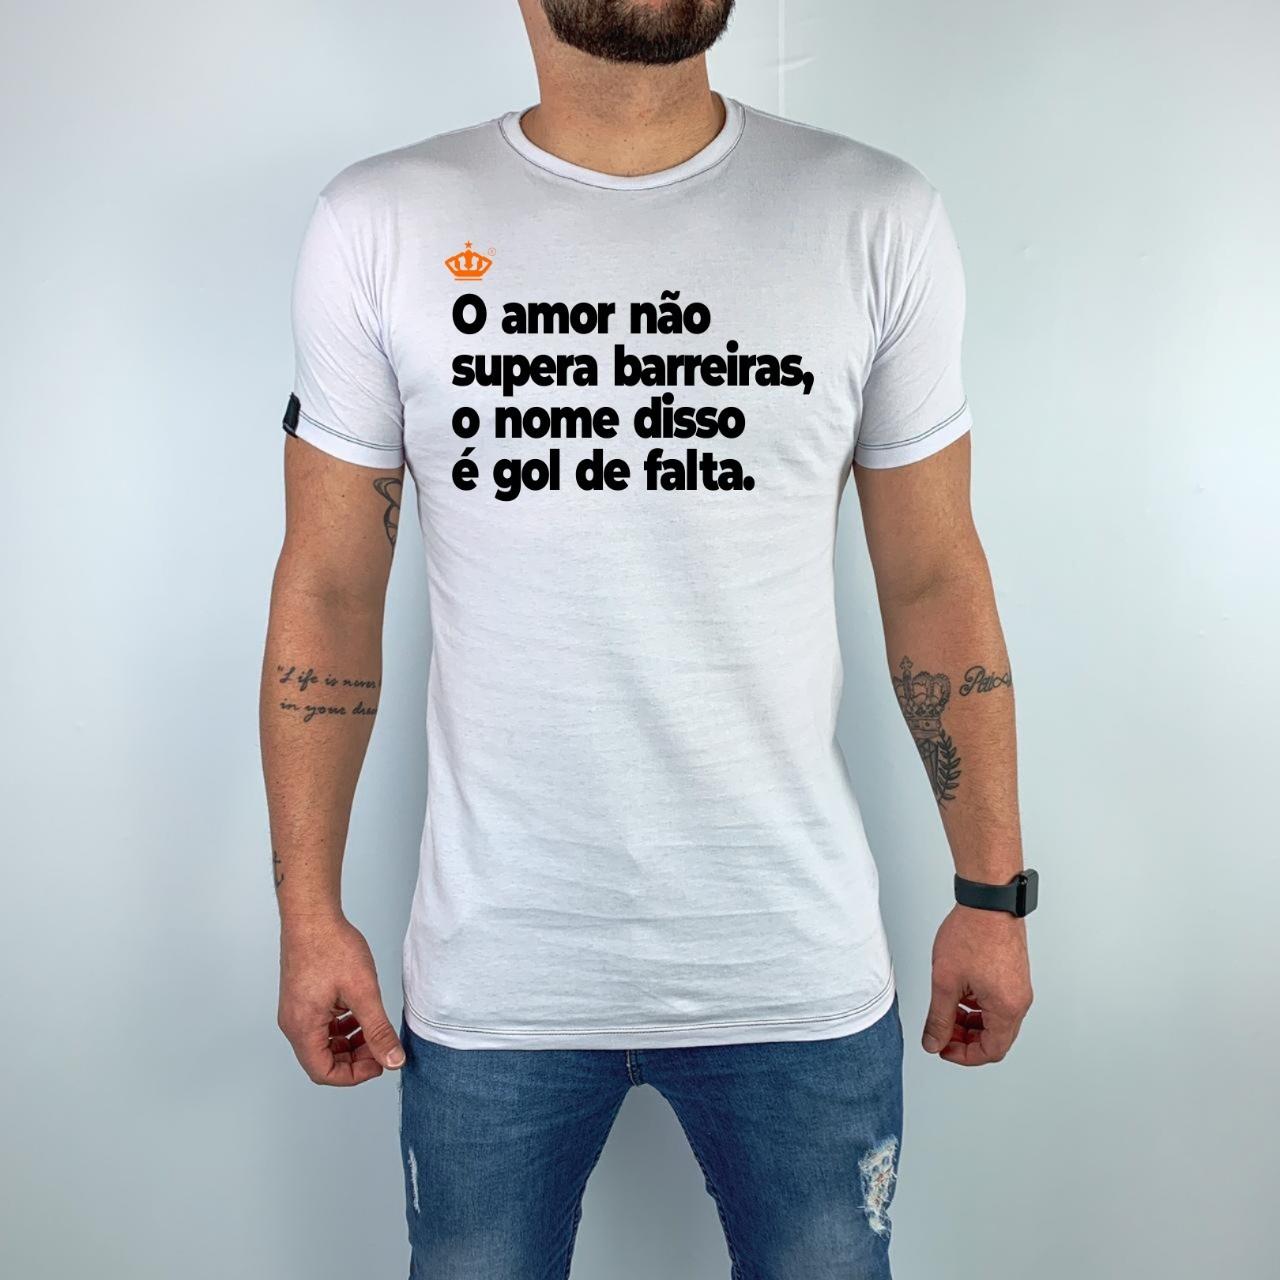 Camiseta O amor não supera barreiras